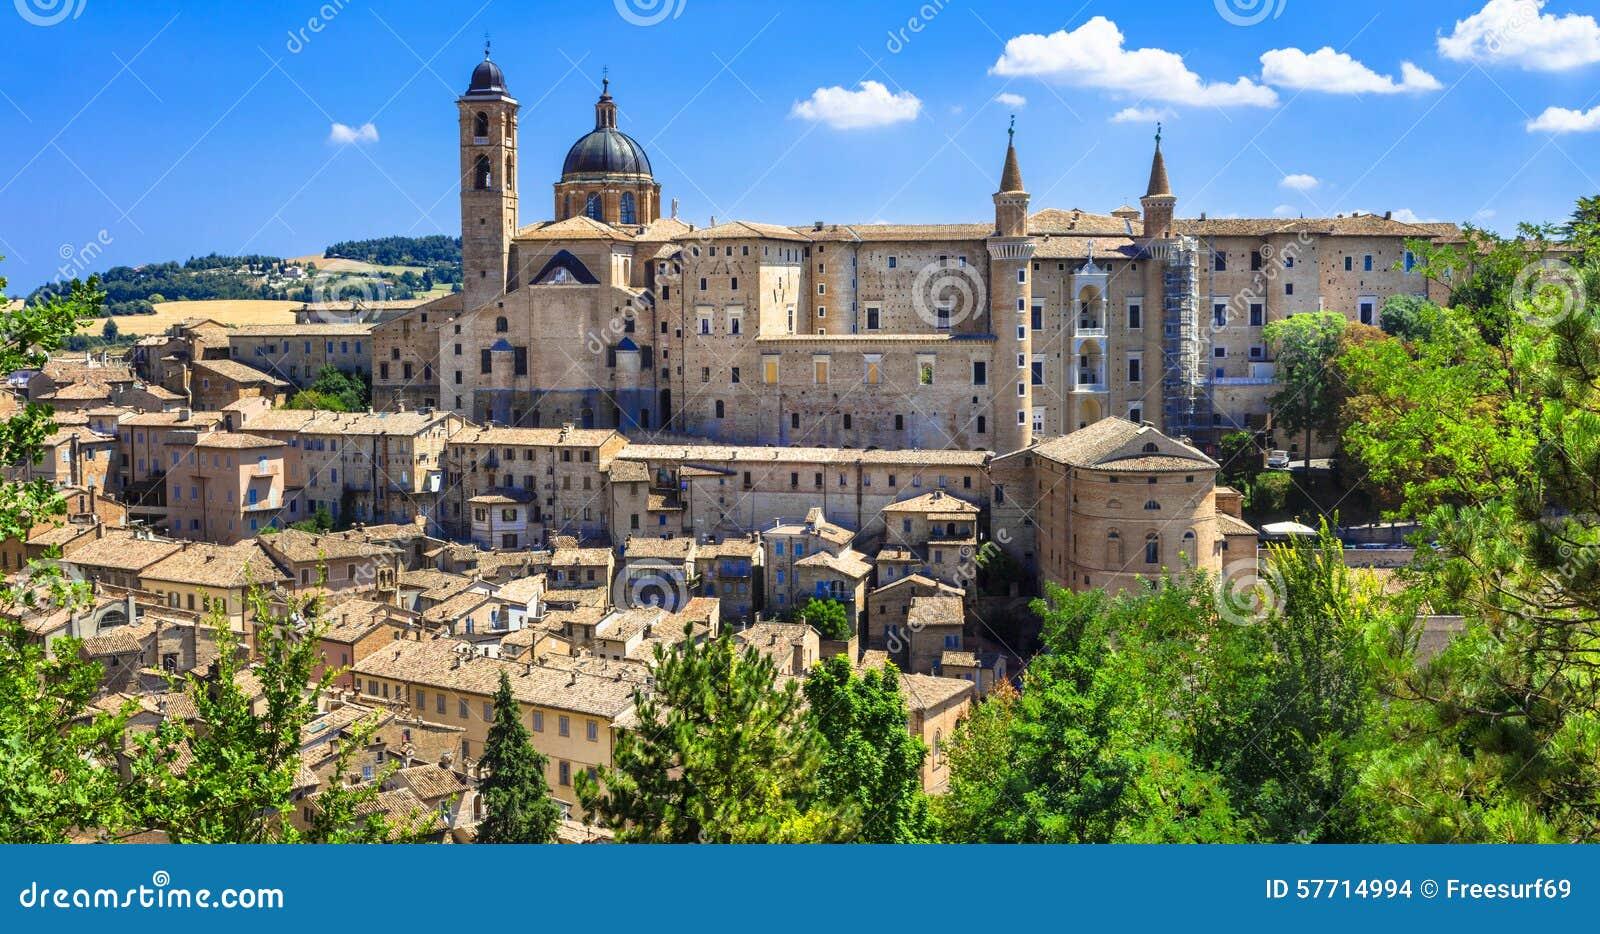 Medieval town Urbino,Unesco site. Marche, Italy